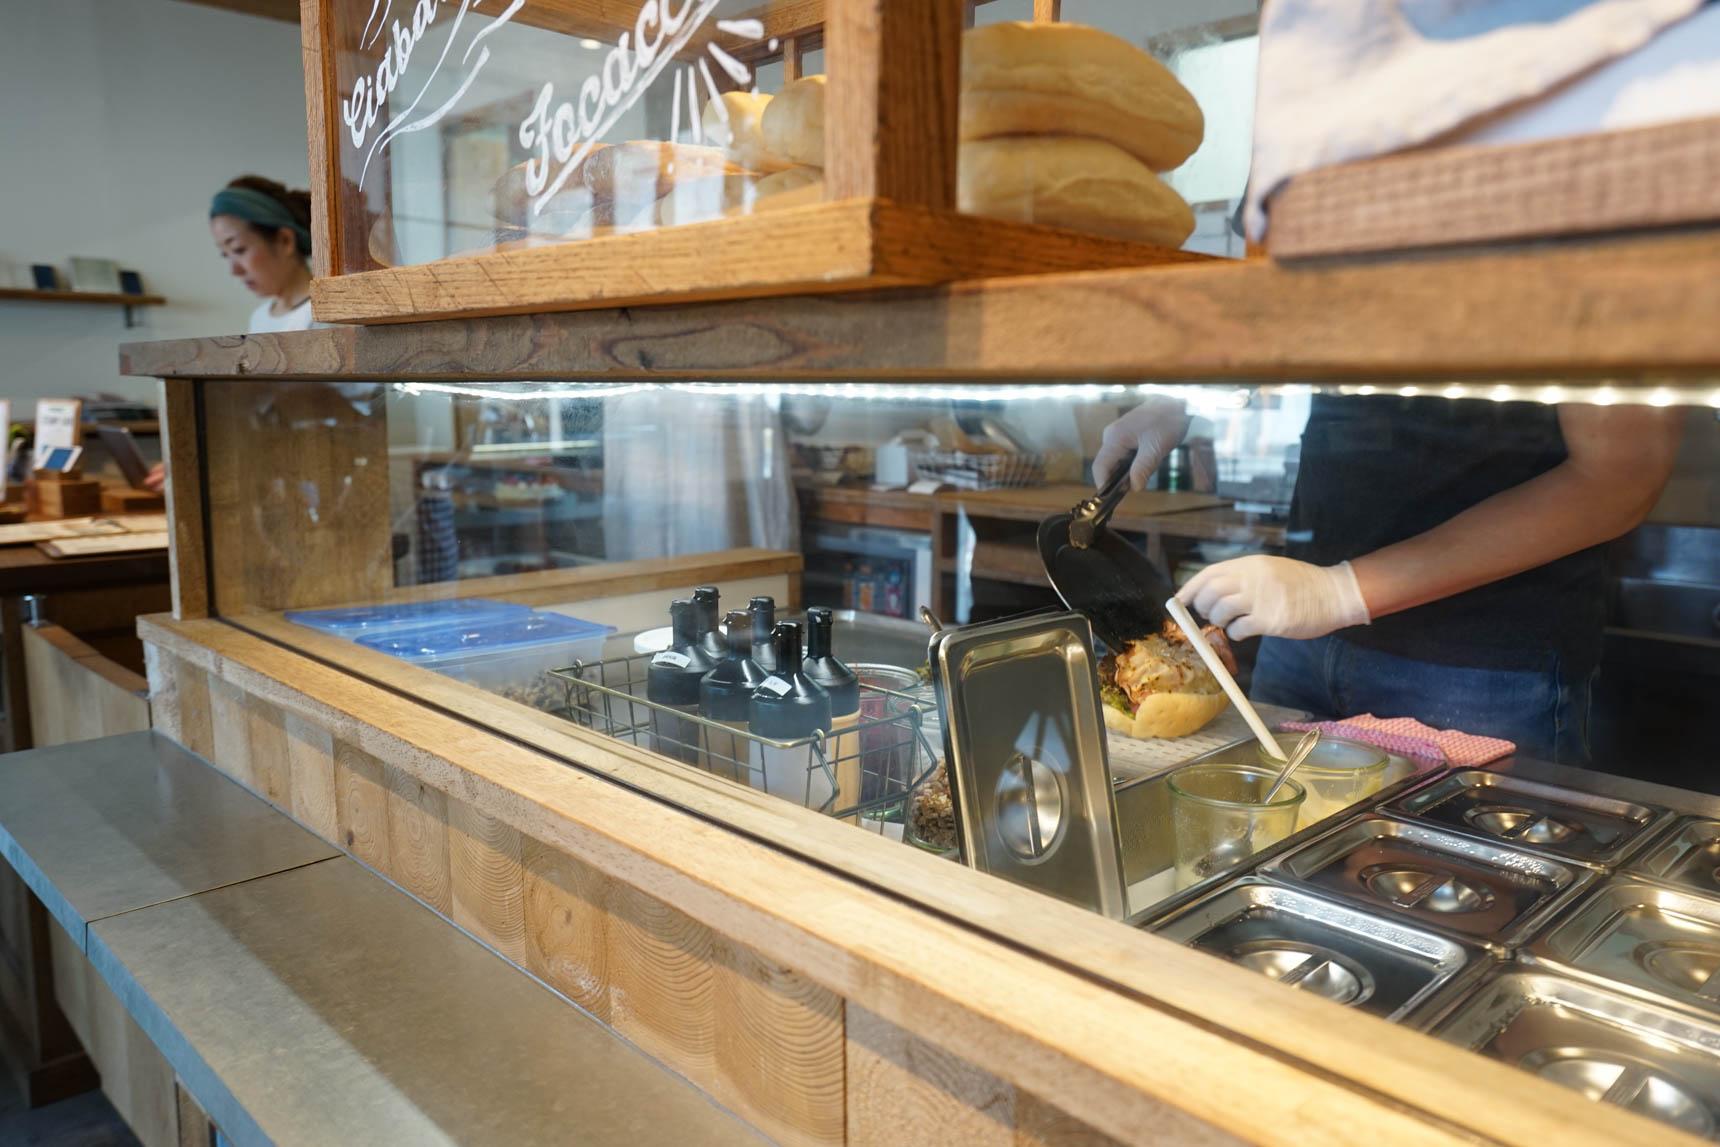 サンドイッチは、注文を受けてからその場で作ってもらえます。